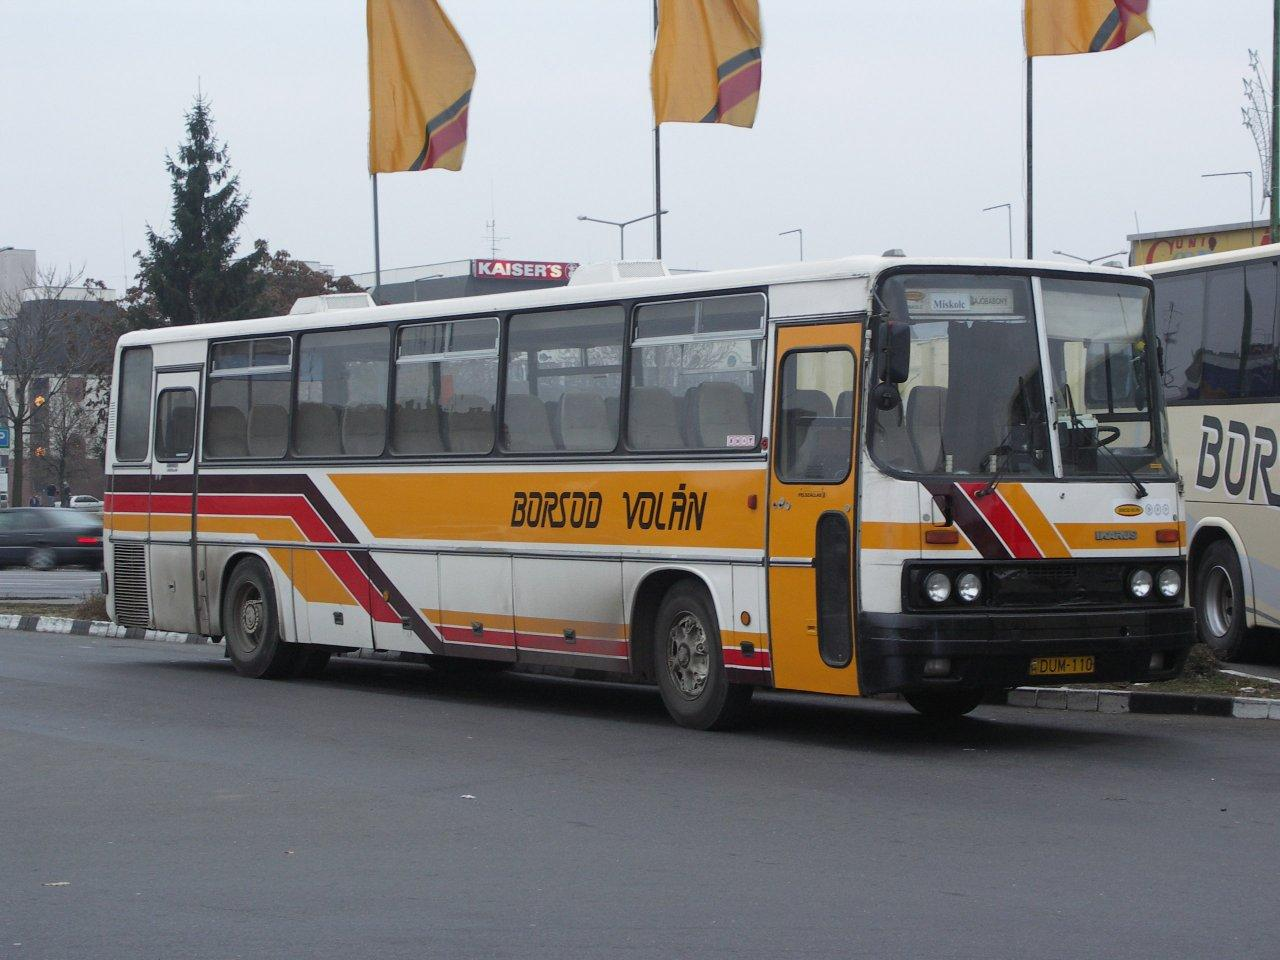 162_20061203.jpg